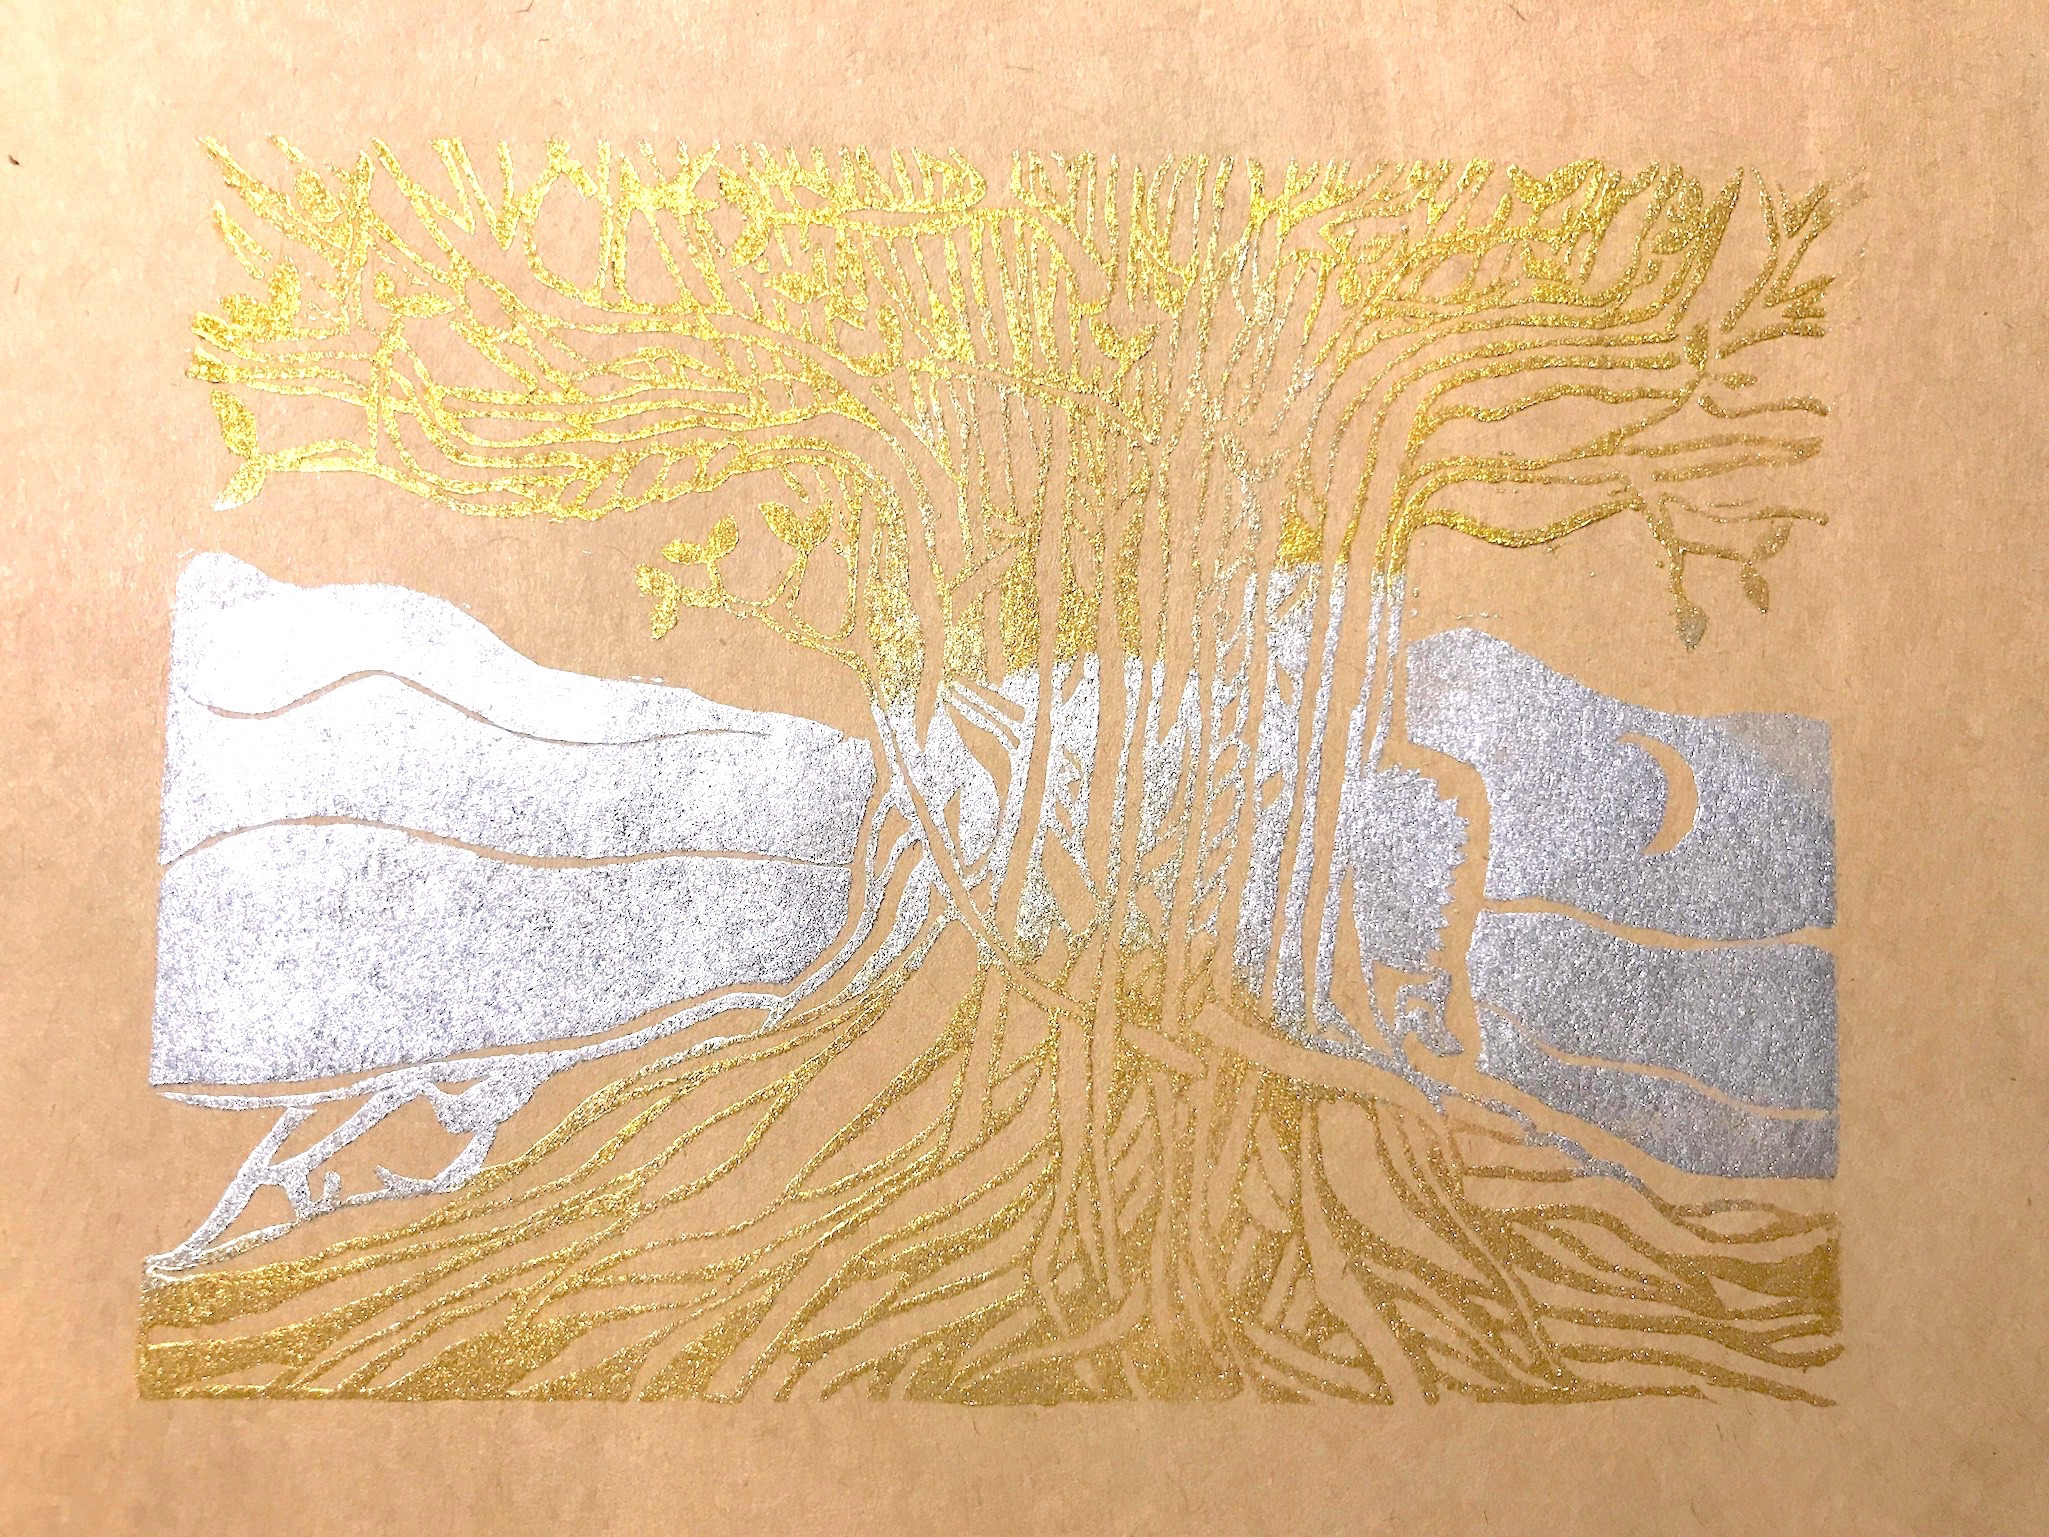 ケシゴムハンコアート NO14 題「天と地をつなぐ木」